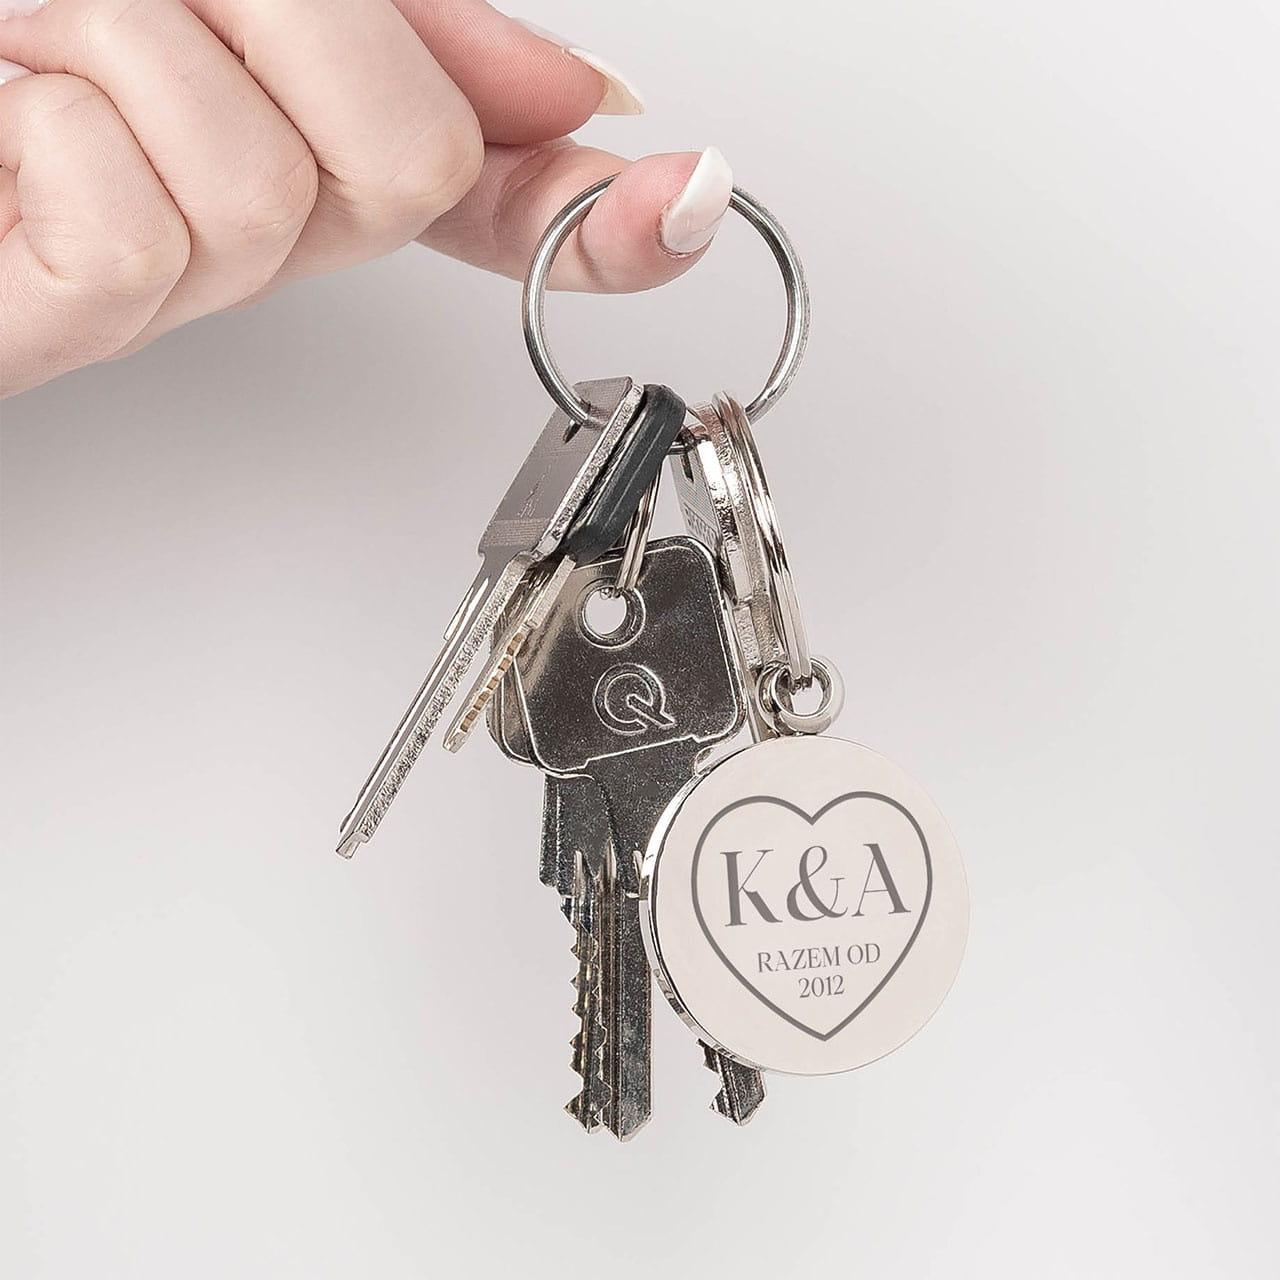 Brelok do kluczy to idealny prezent na rocznicę związku